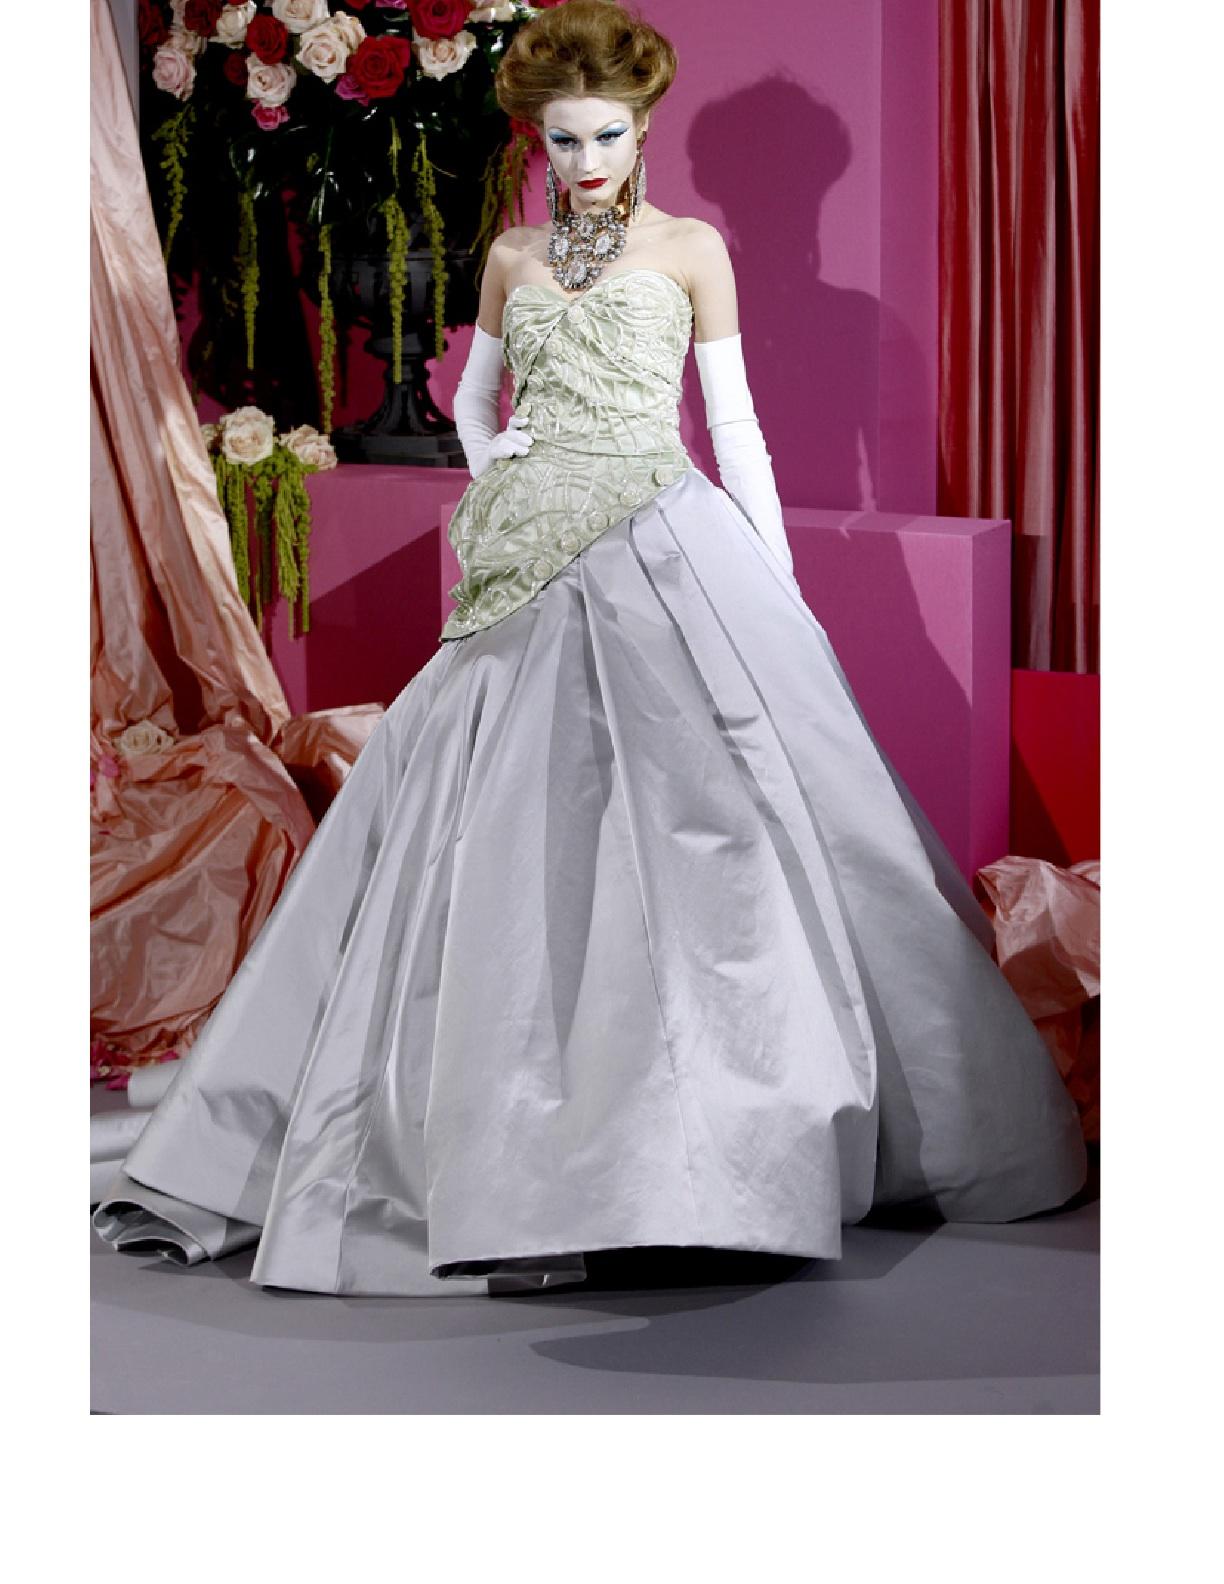 http://2.bp.blogspot.com/_BLo5dg0HG8U/S2HZnBn-H7I/AAAAAAAAAII/TKivHYNmPLI/s1600/Bride%2BDior%2B2010.jpg